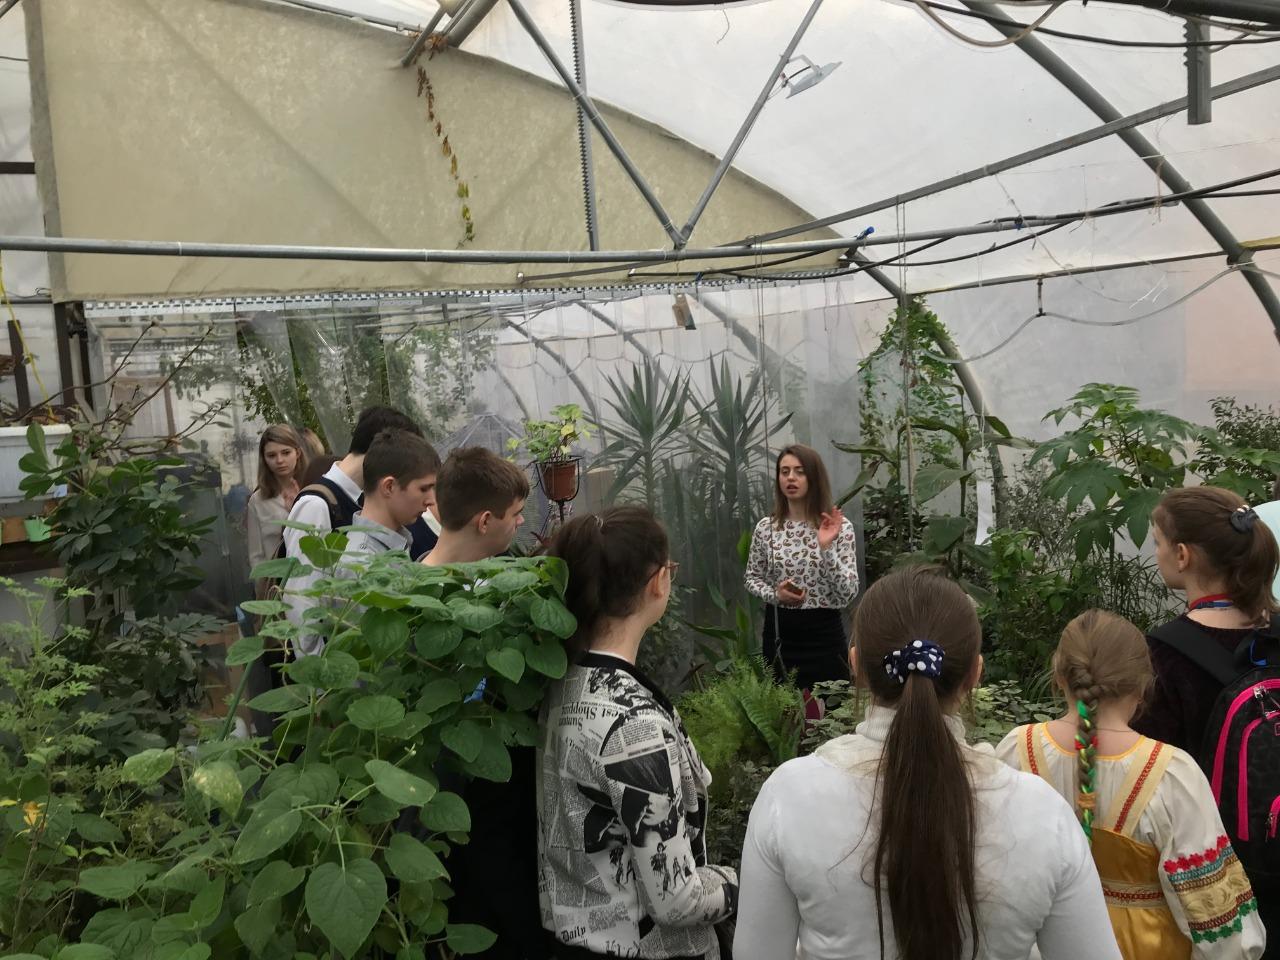 О биотехнологиях в школьной оранжерее рассказывает Юлия Константиновна Удовик